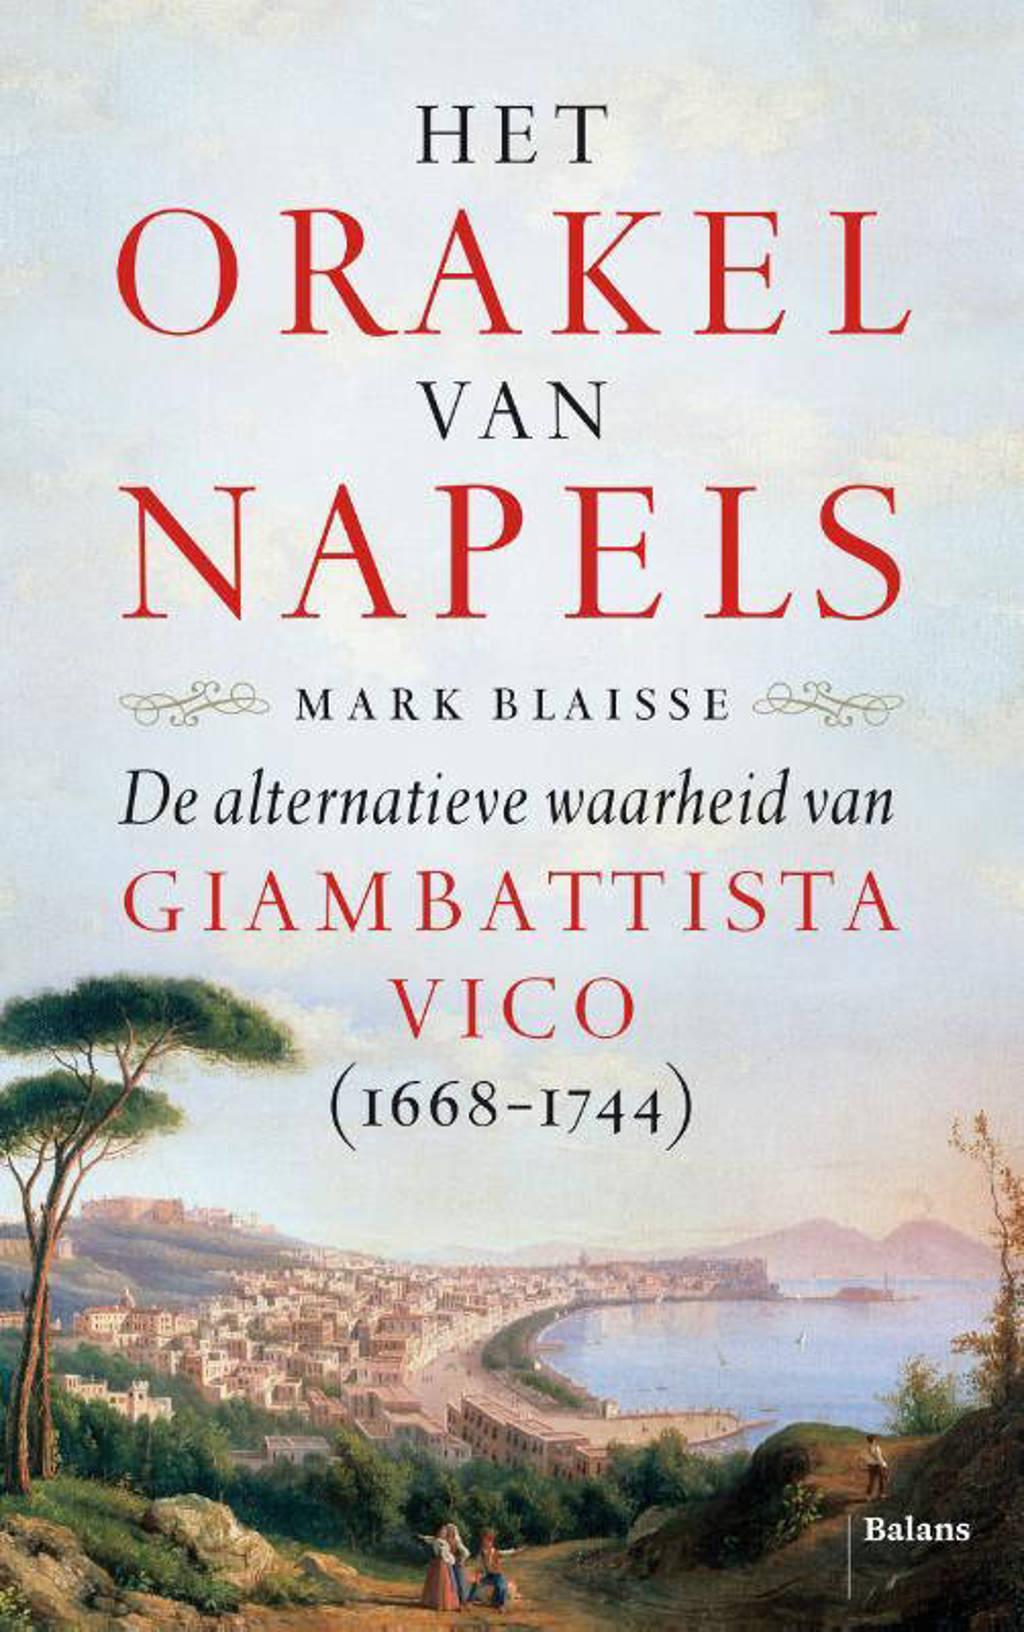 Het orakel van Napels - Mark Blaisse